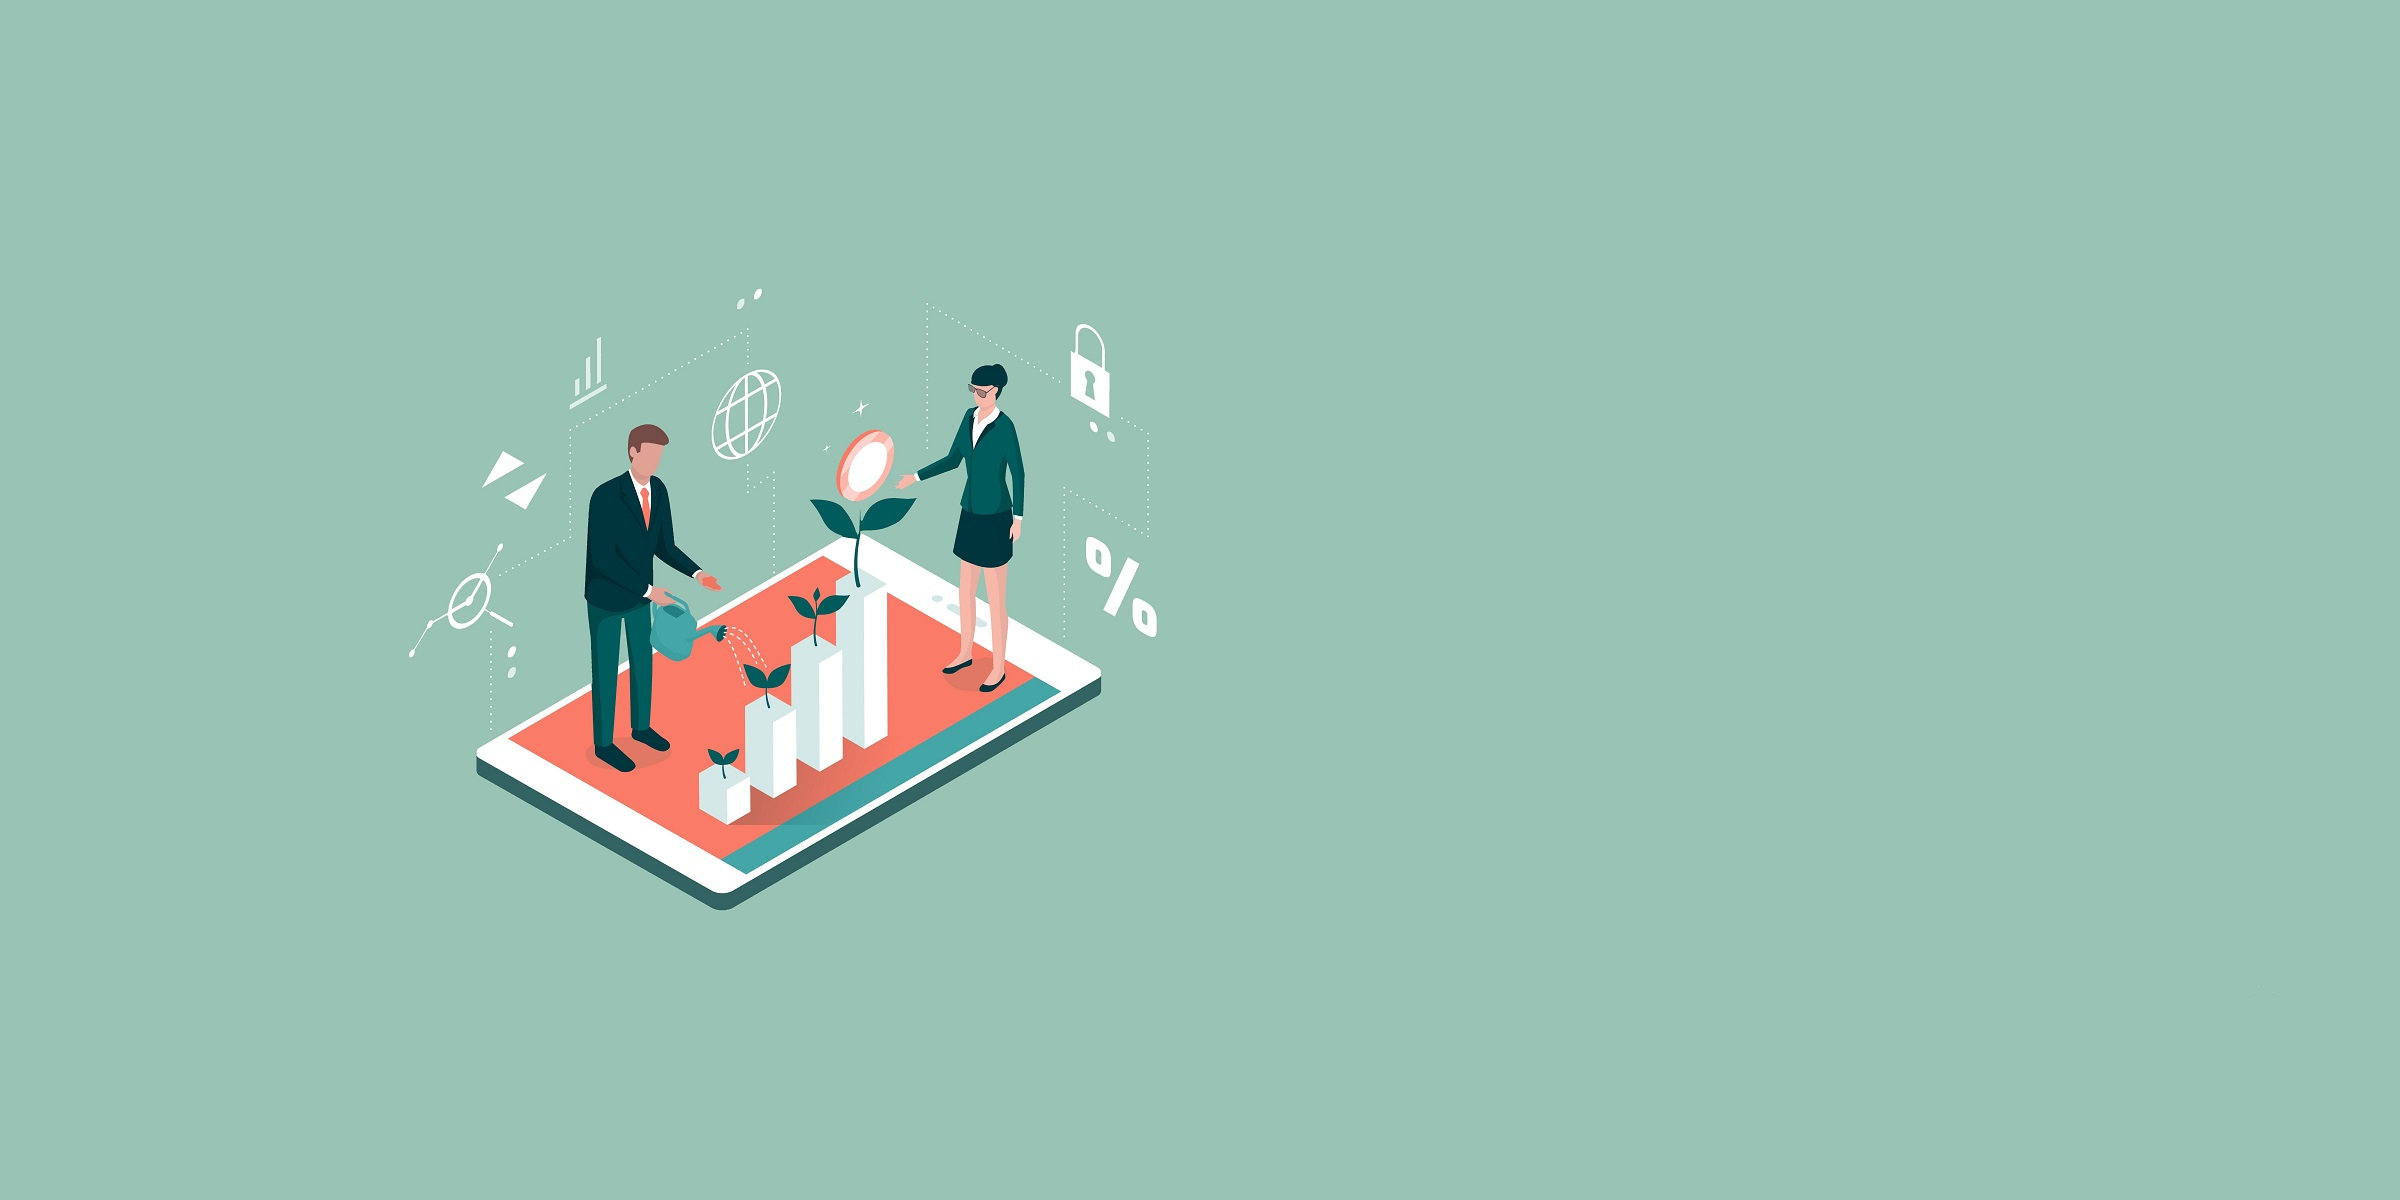 мобильное приложение для инвестиций